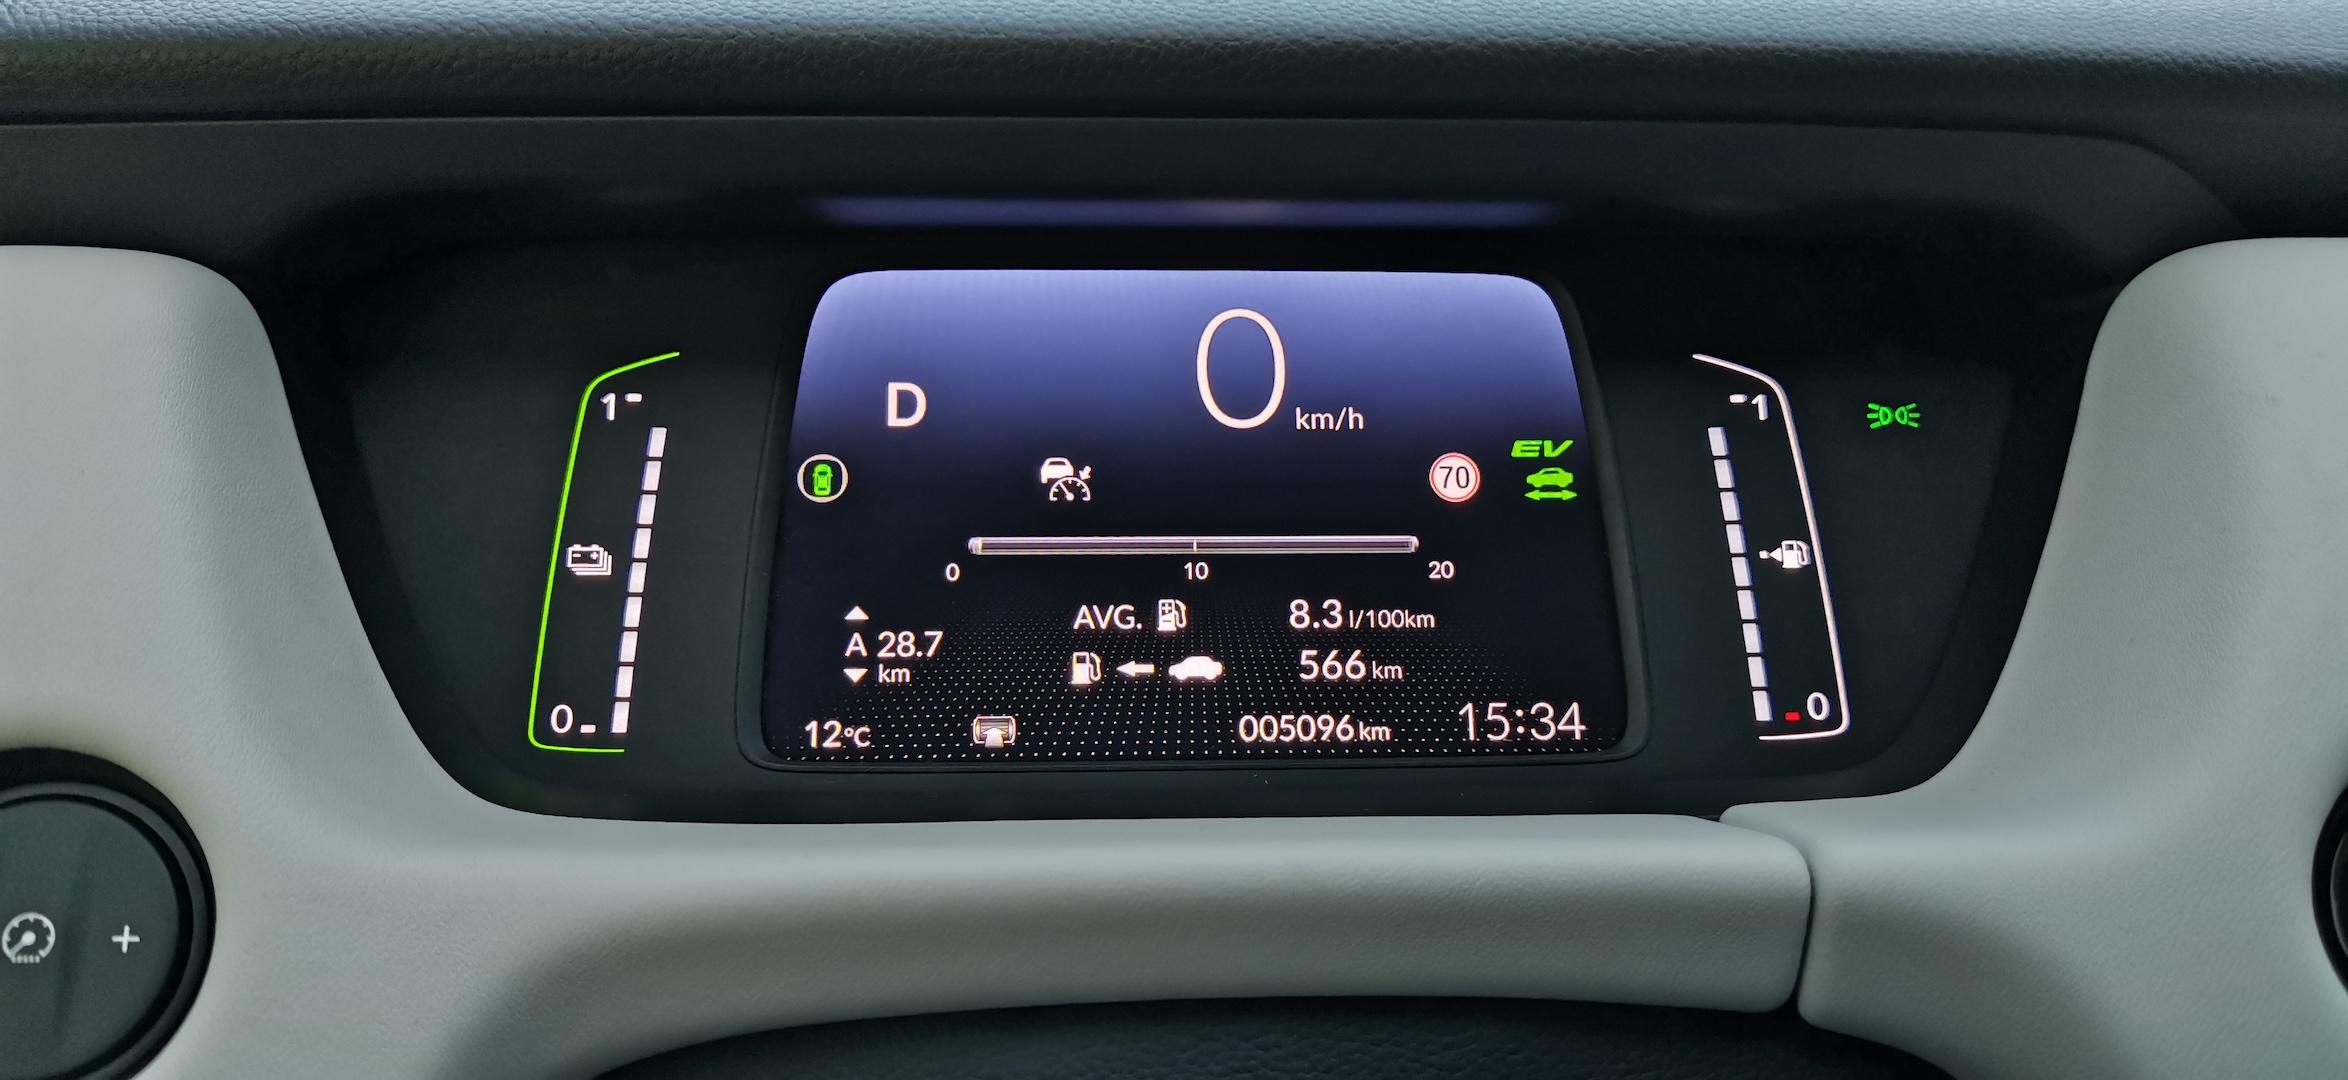 Honda Jazz e:HEV (hybrid) - spotřeba, dálnice